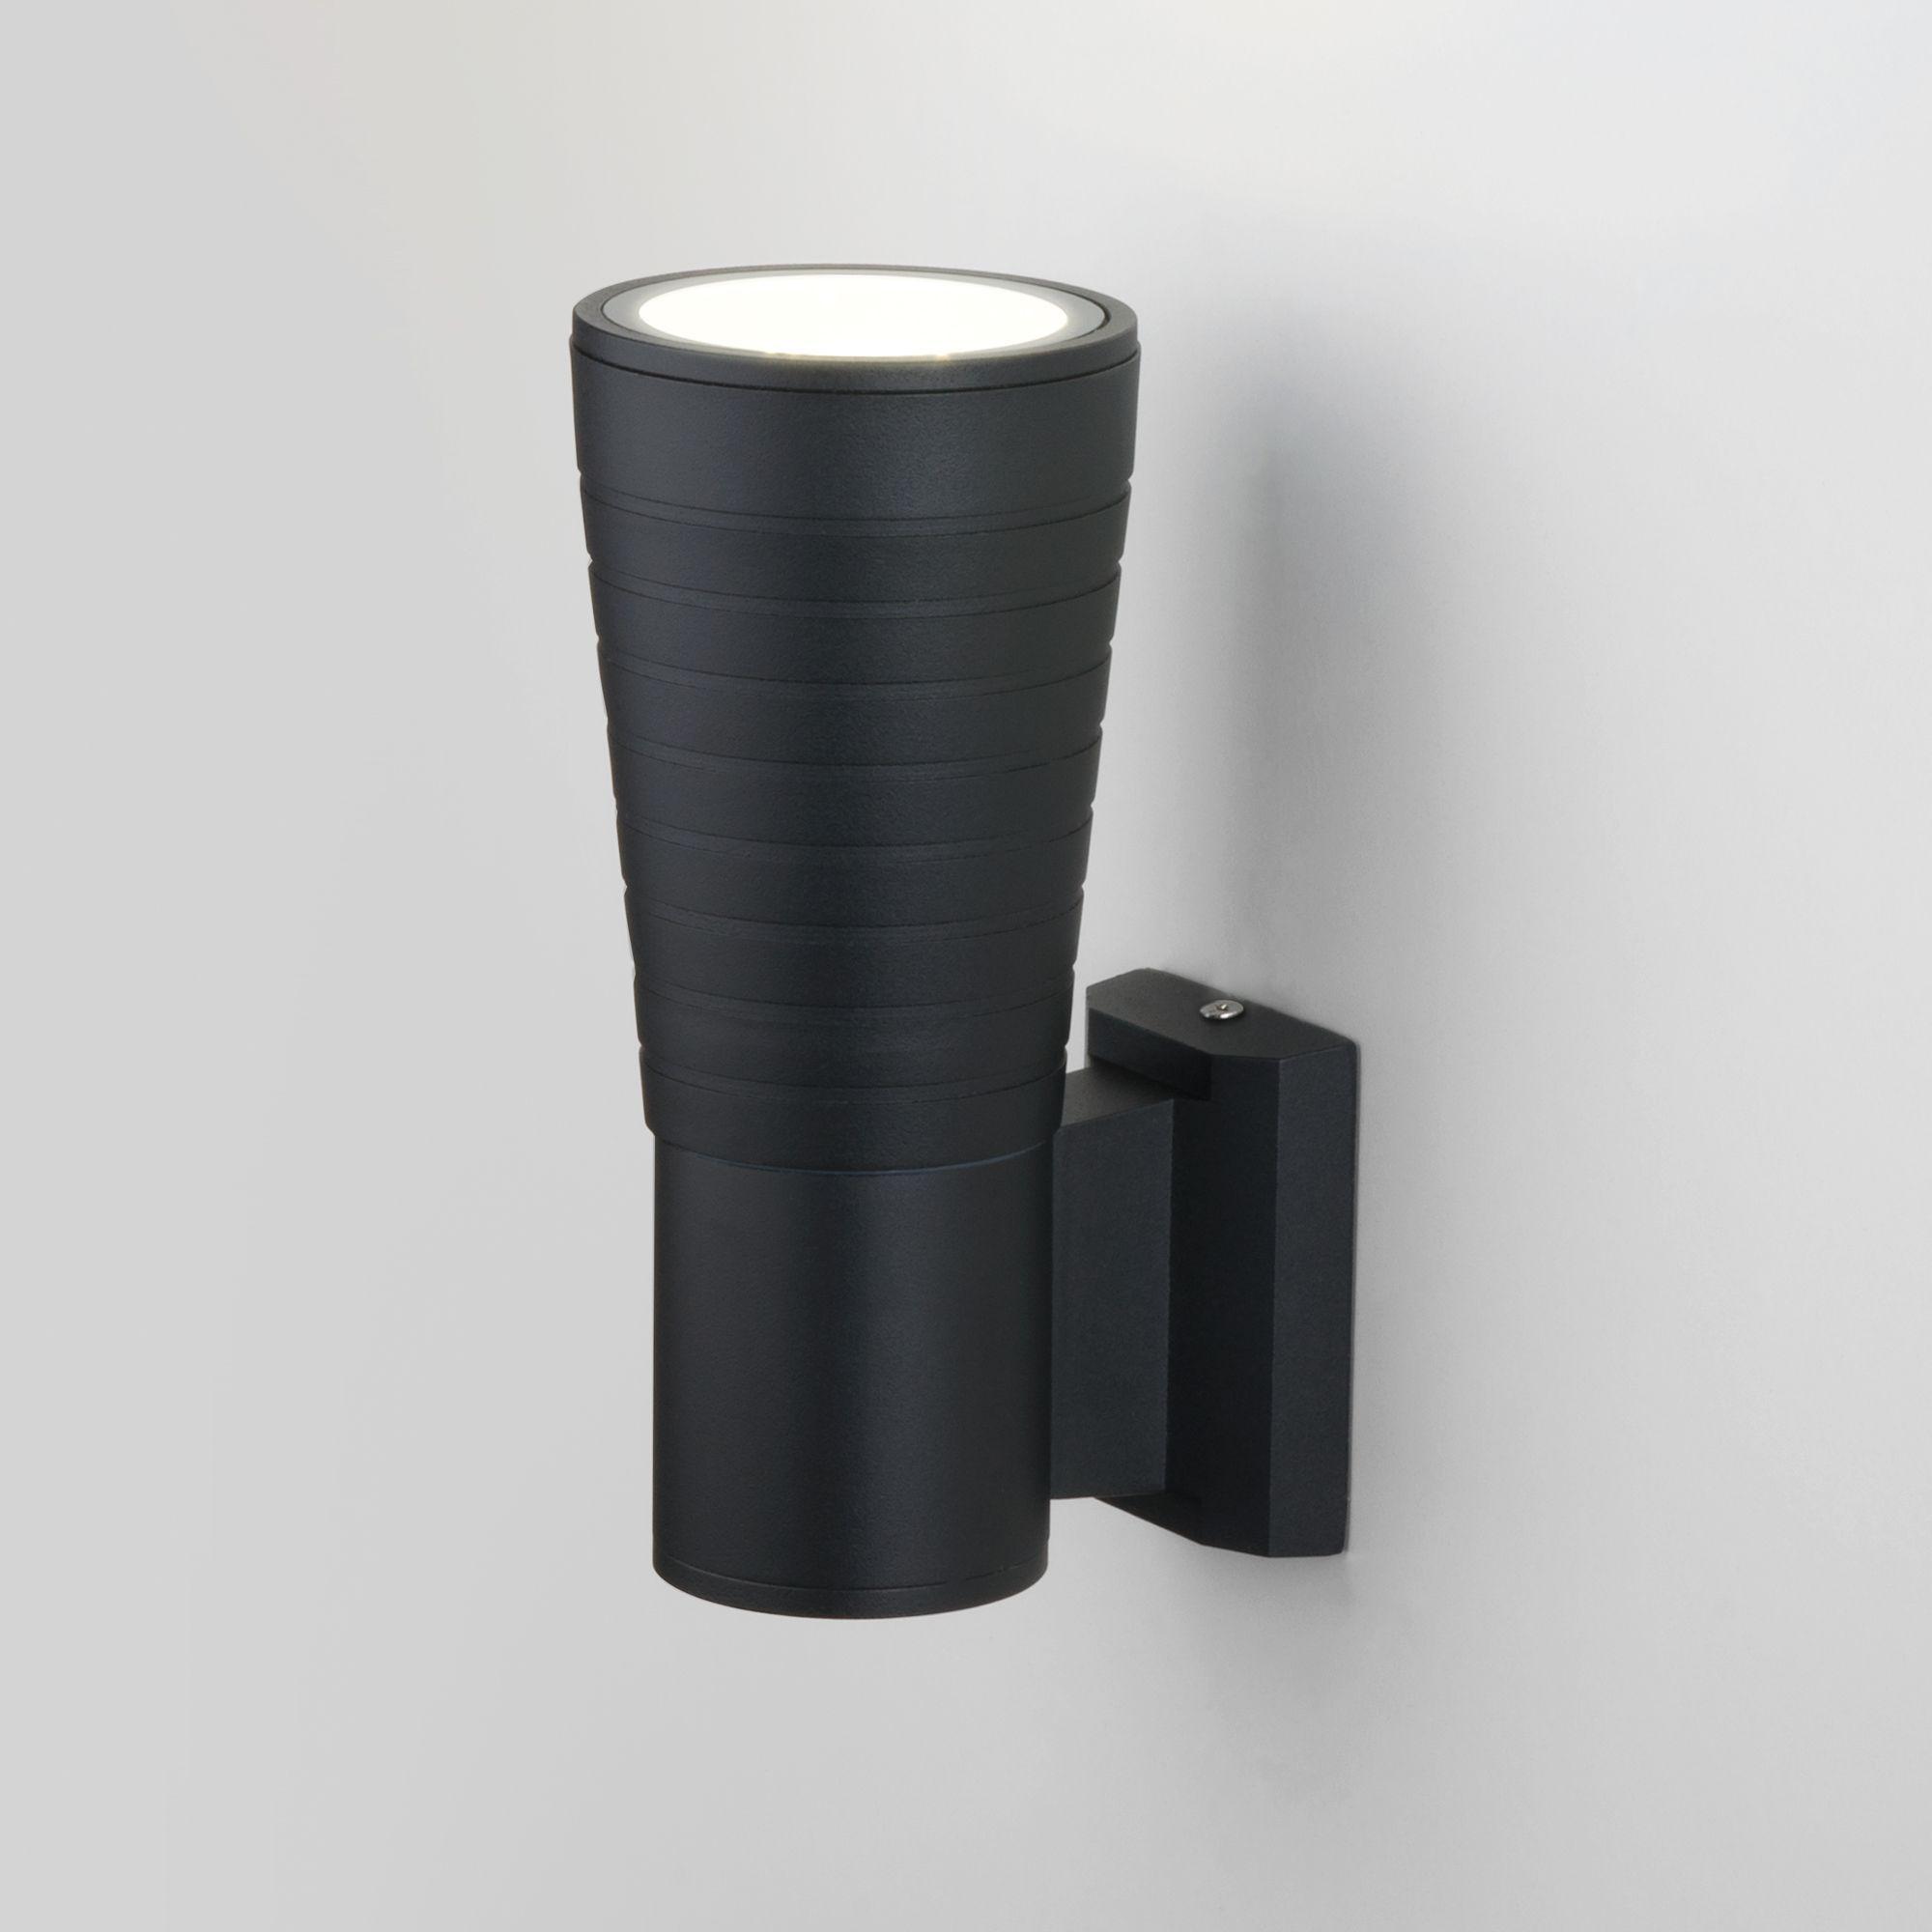 Настенный светодиодный светильник Tube uno черный IP54 1503 TECHNO LED